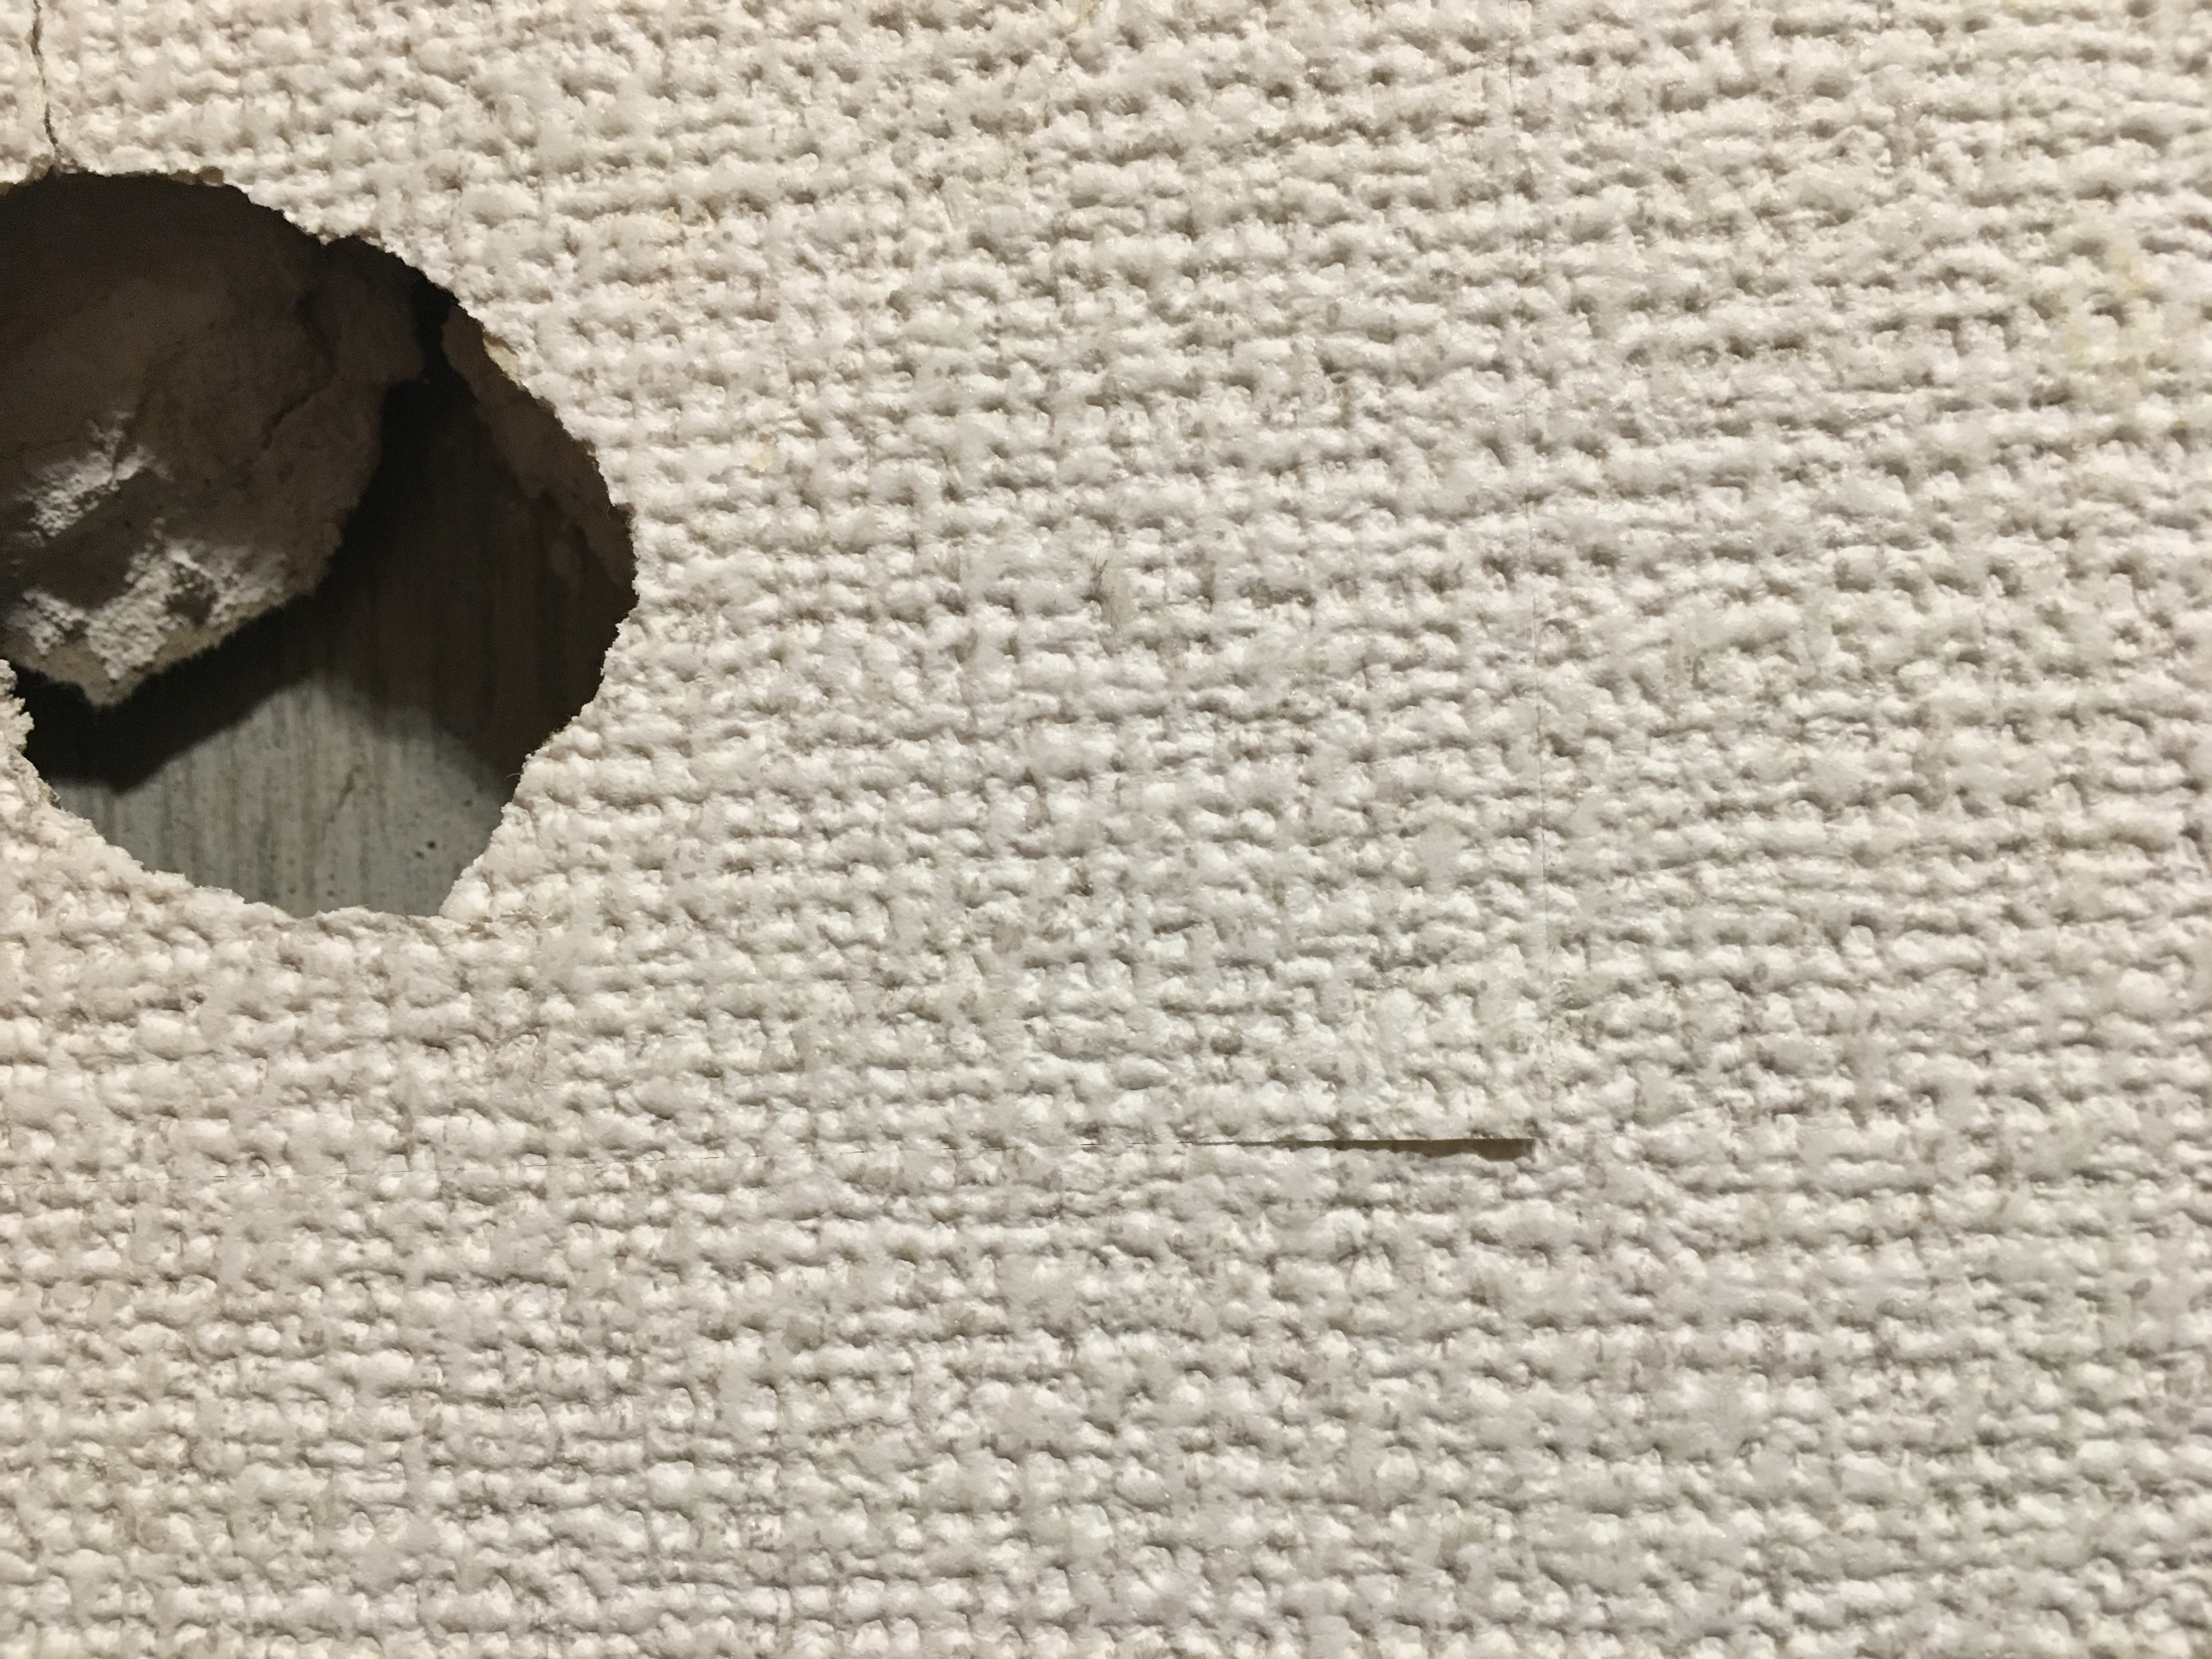 壁の穴を格安で自分で修理 初心者でもできる簡単作業 しまうまの